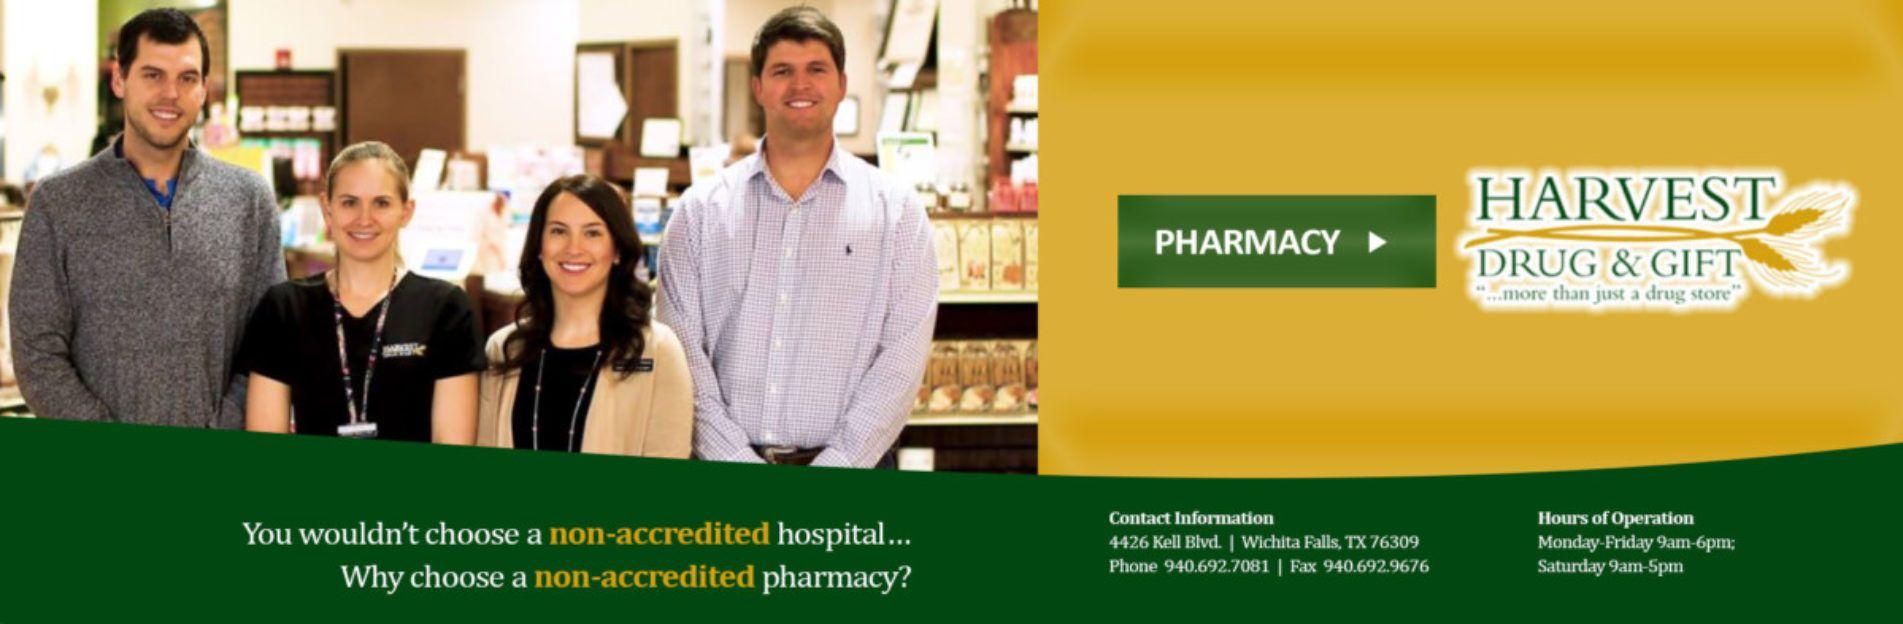 harvest-pharmacy-slider-1903x624.jpg